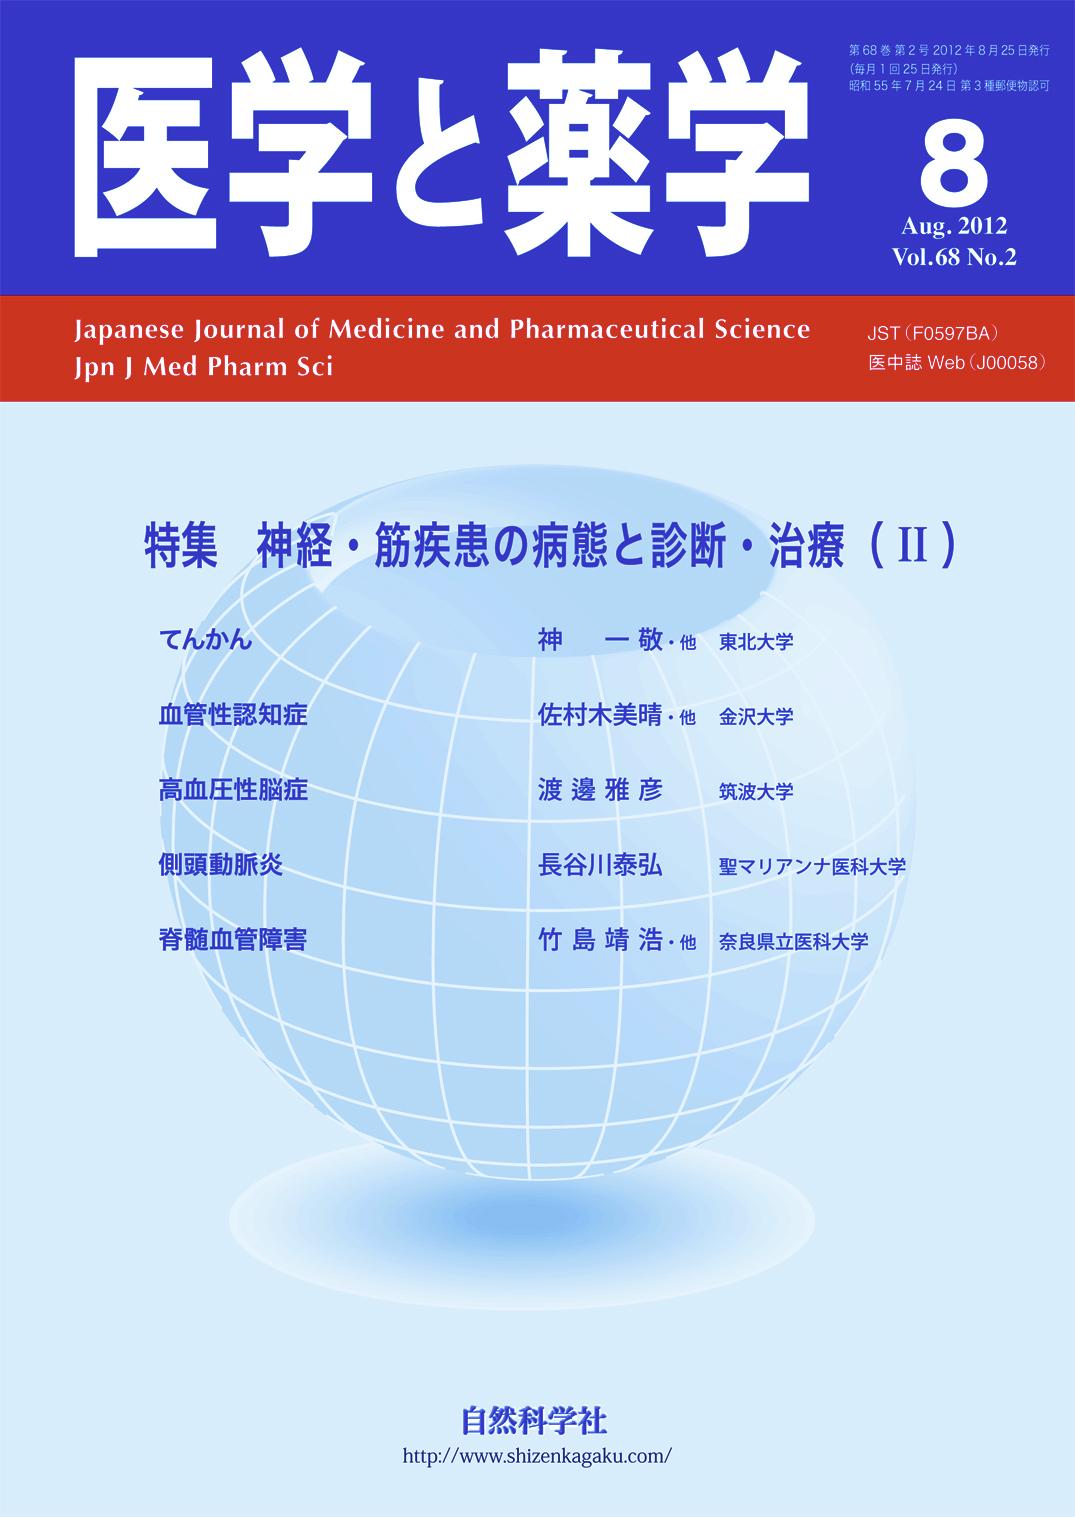 医学と薬学 68巻2号2012年8月